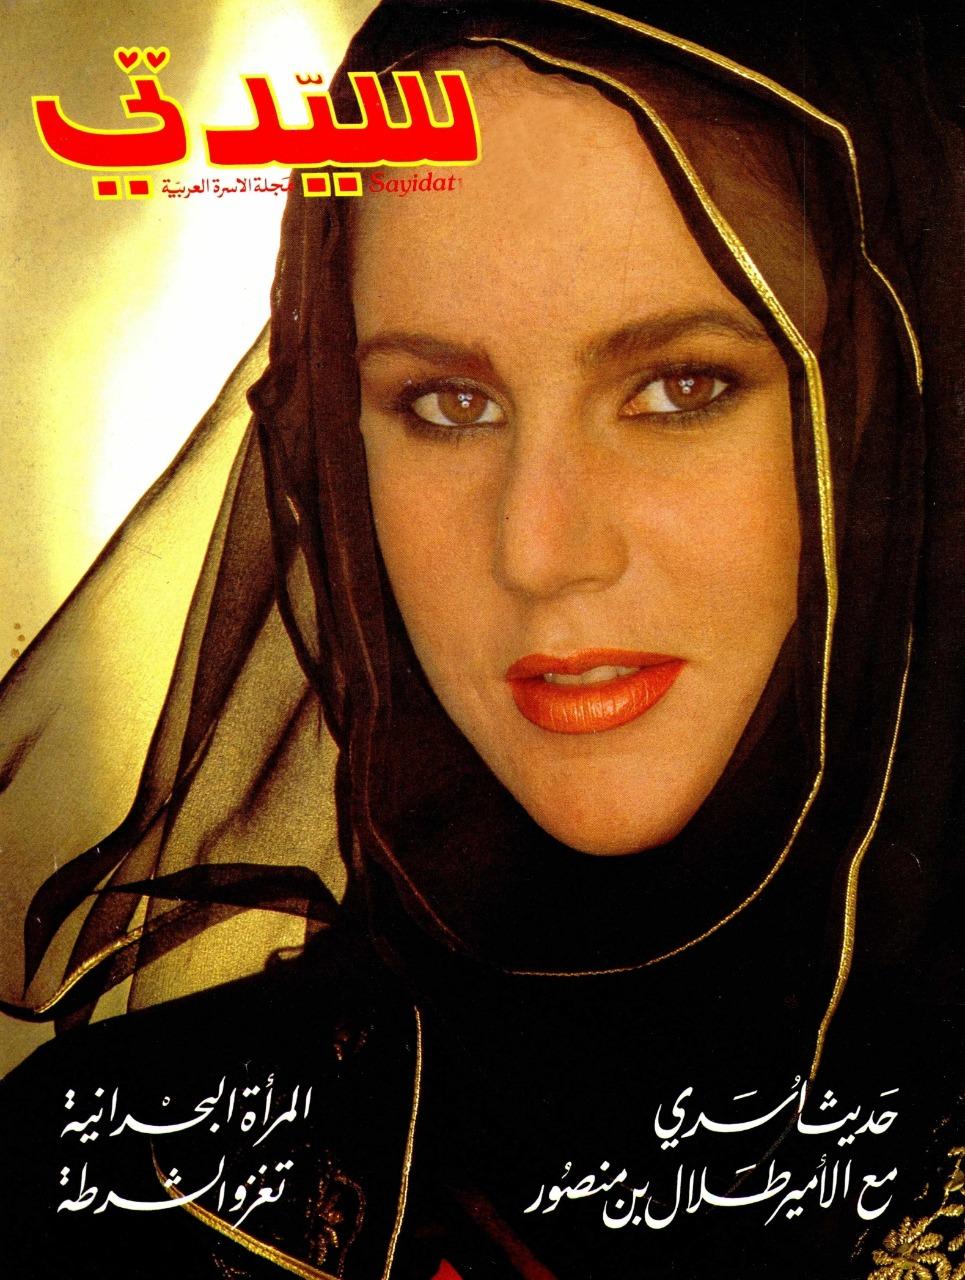 سيدتي: أول مجلة عربية أسبوعية اجتماعية نسائية، أُسّست في لندن 1981